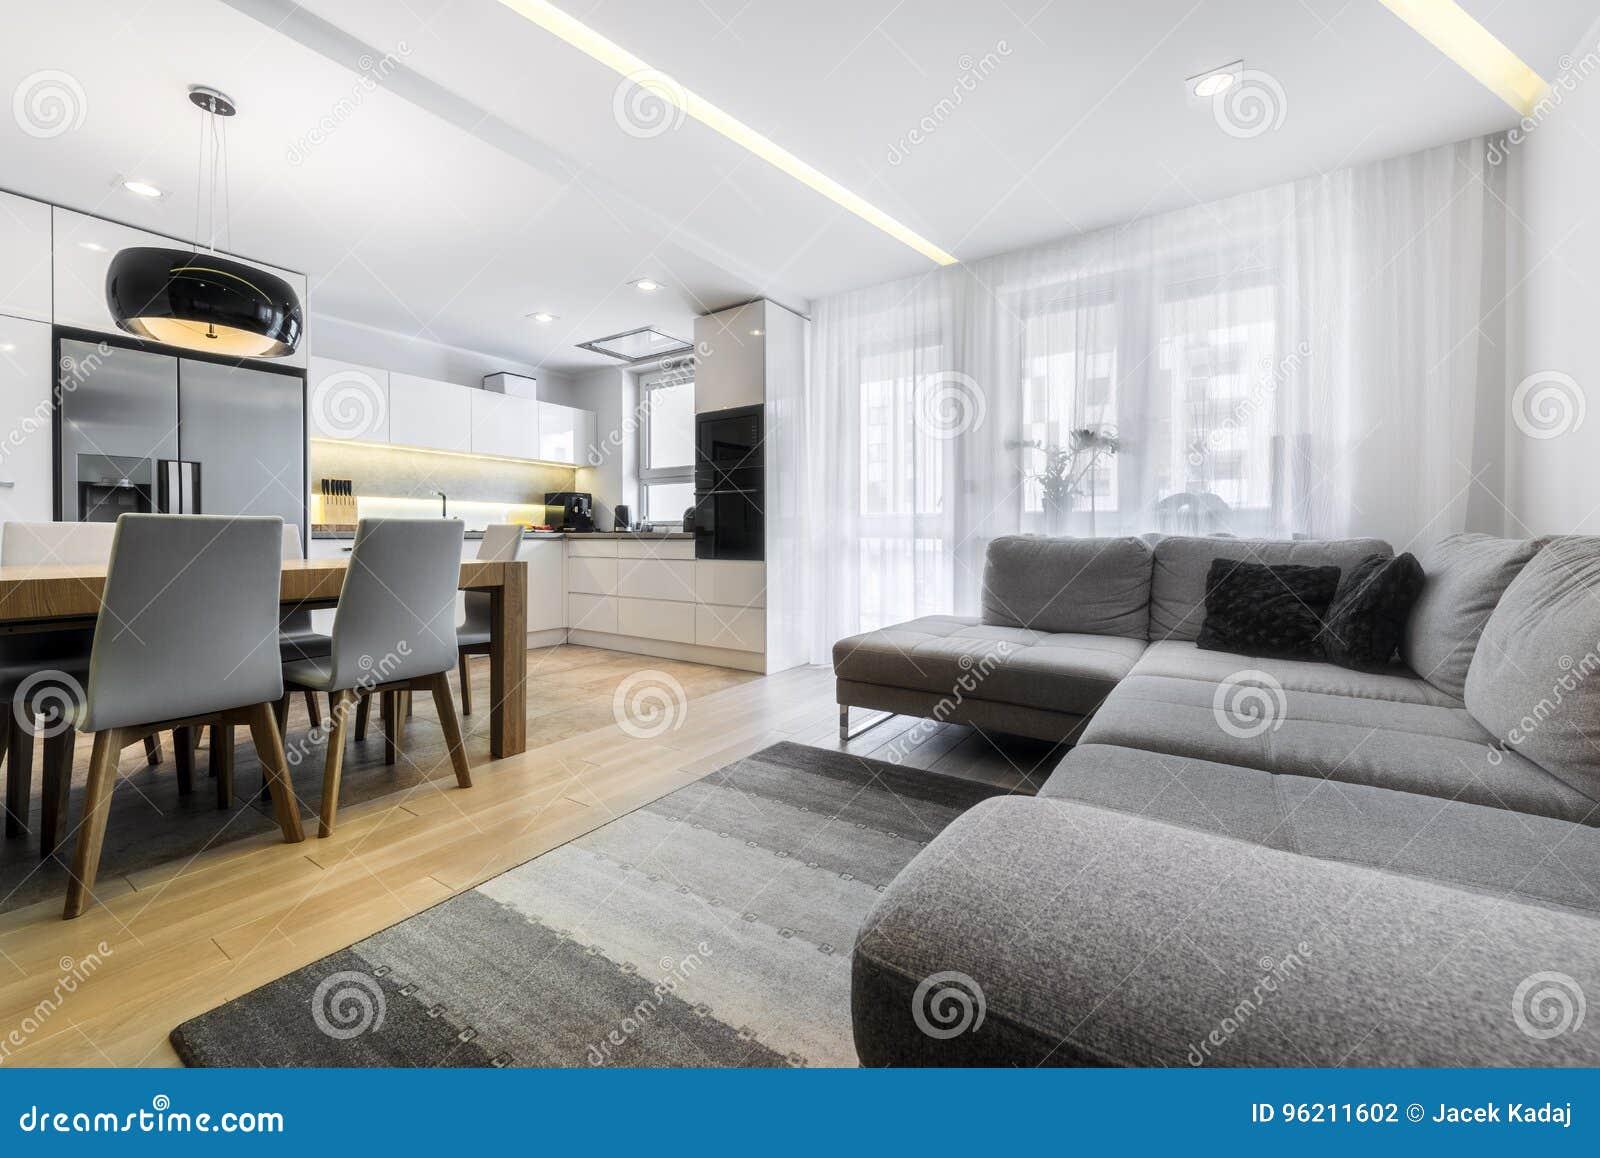 Modernes Wohnzimmer Und Küche Stockfoto - Bild von zeitgenössisch ...